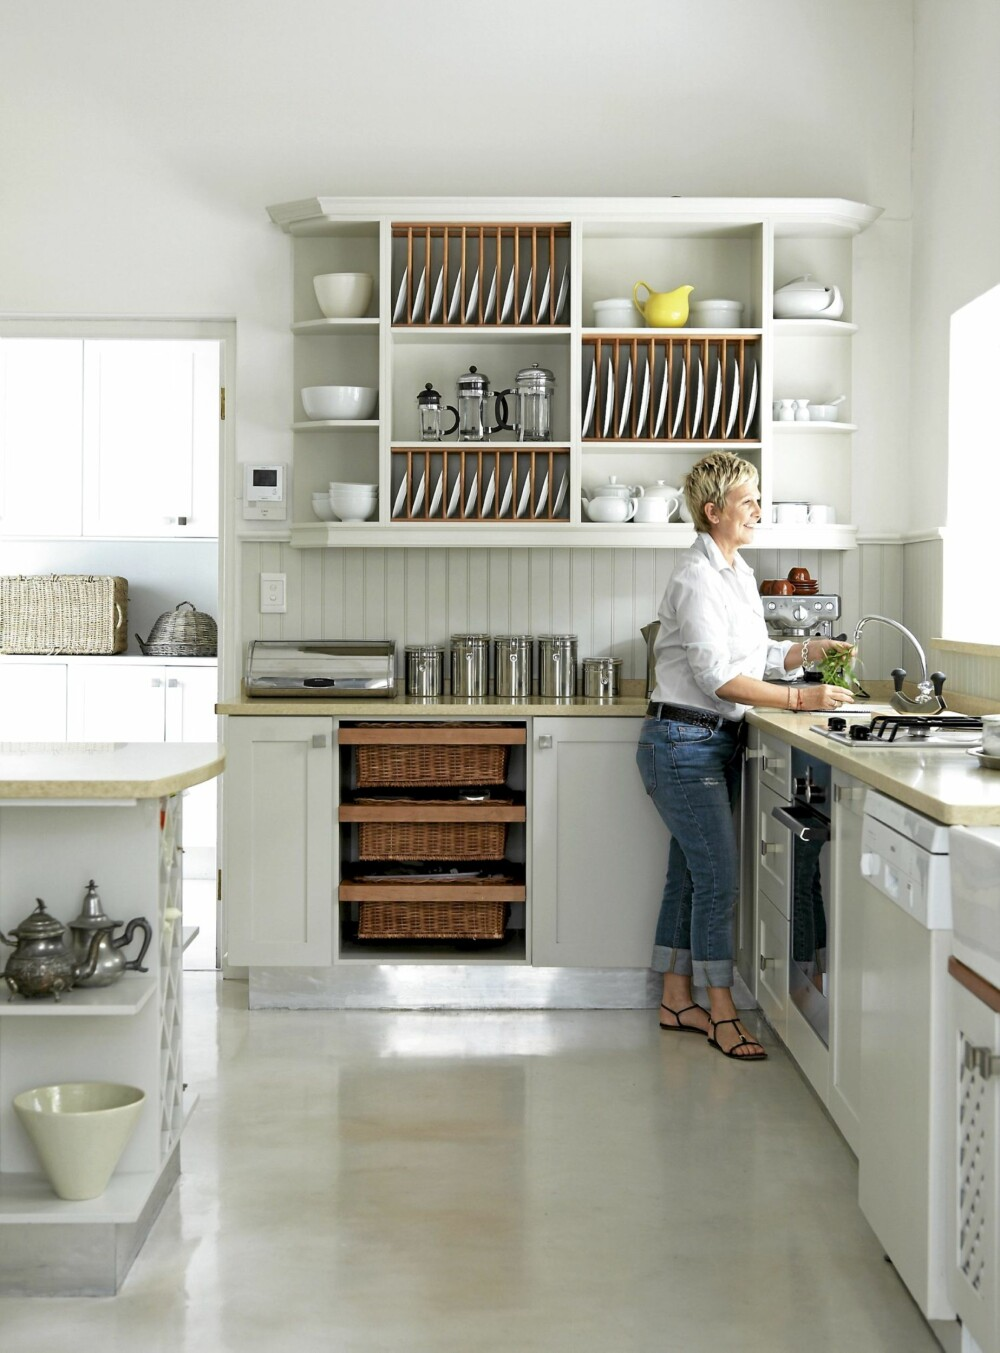 BRUKSSKULPTUR: Det rommelige kjøkkenet er spesialsnekret. Tallerkenhyllene blir nesten til skulpturer med sine sirlig plasserte tallerkener.